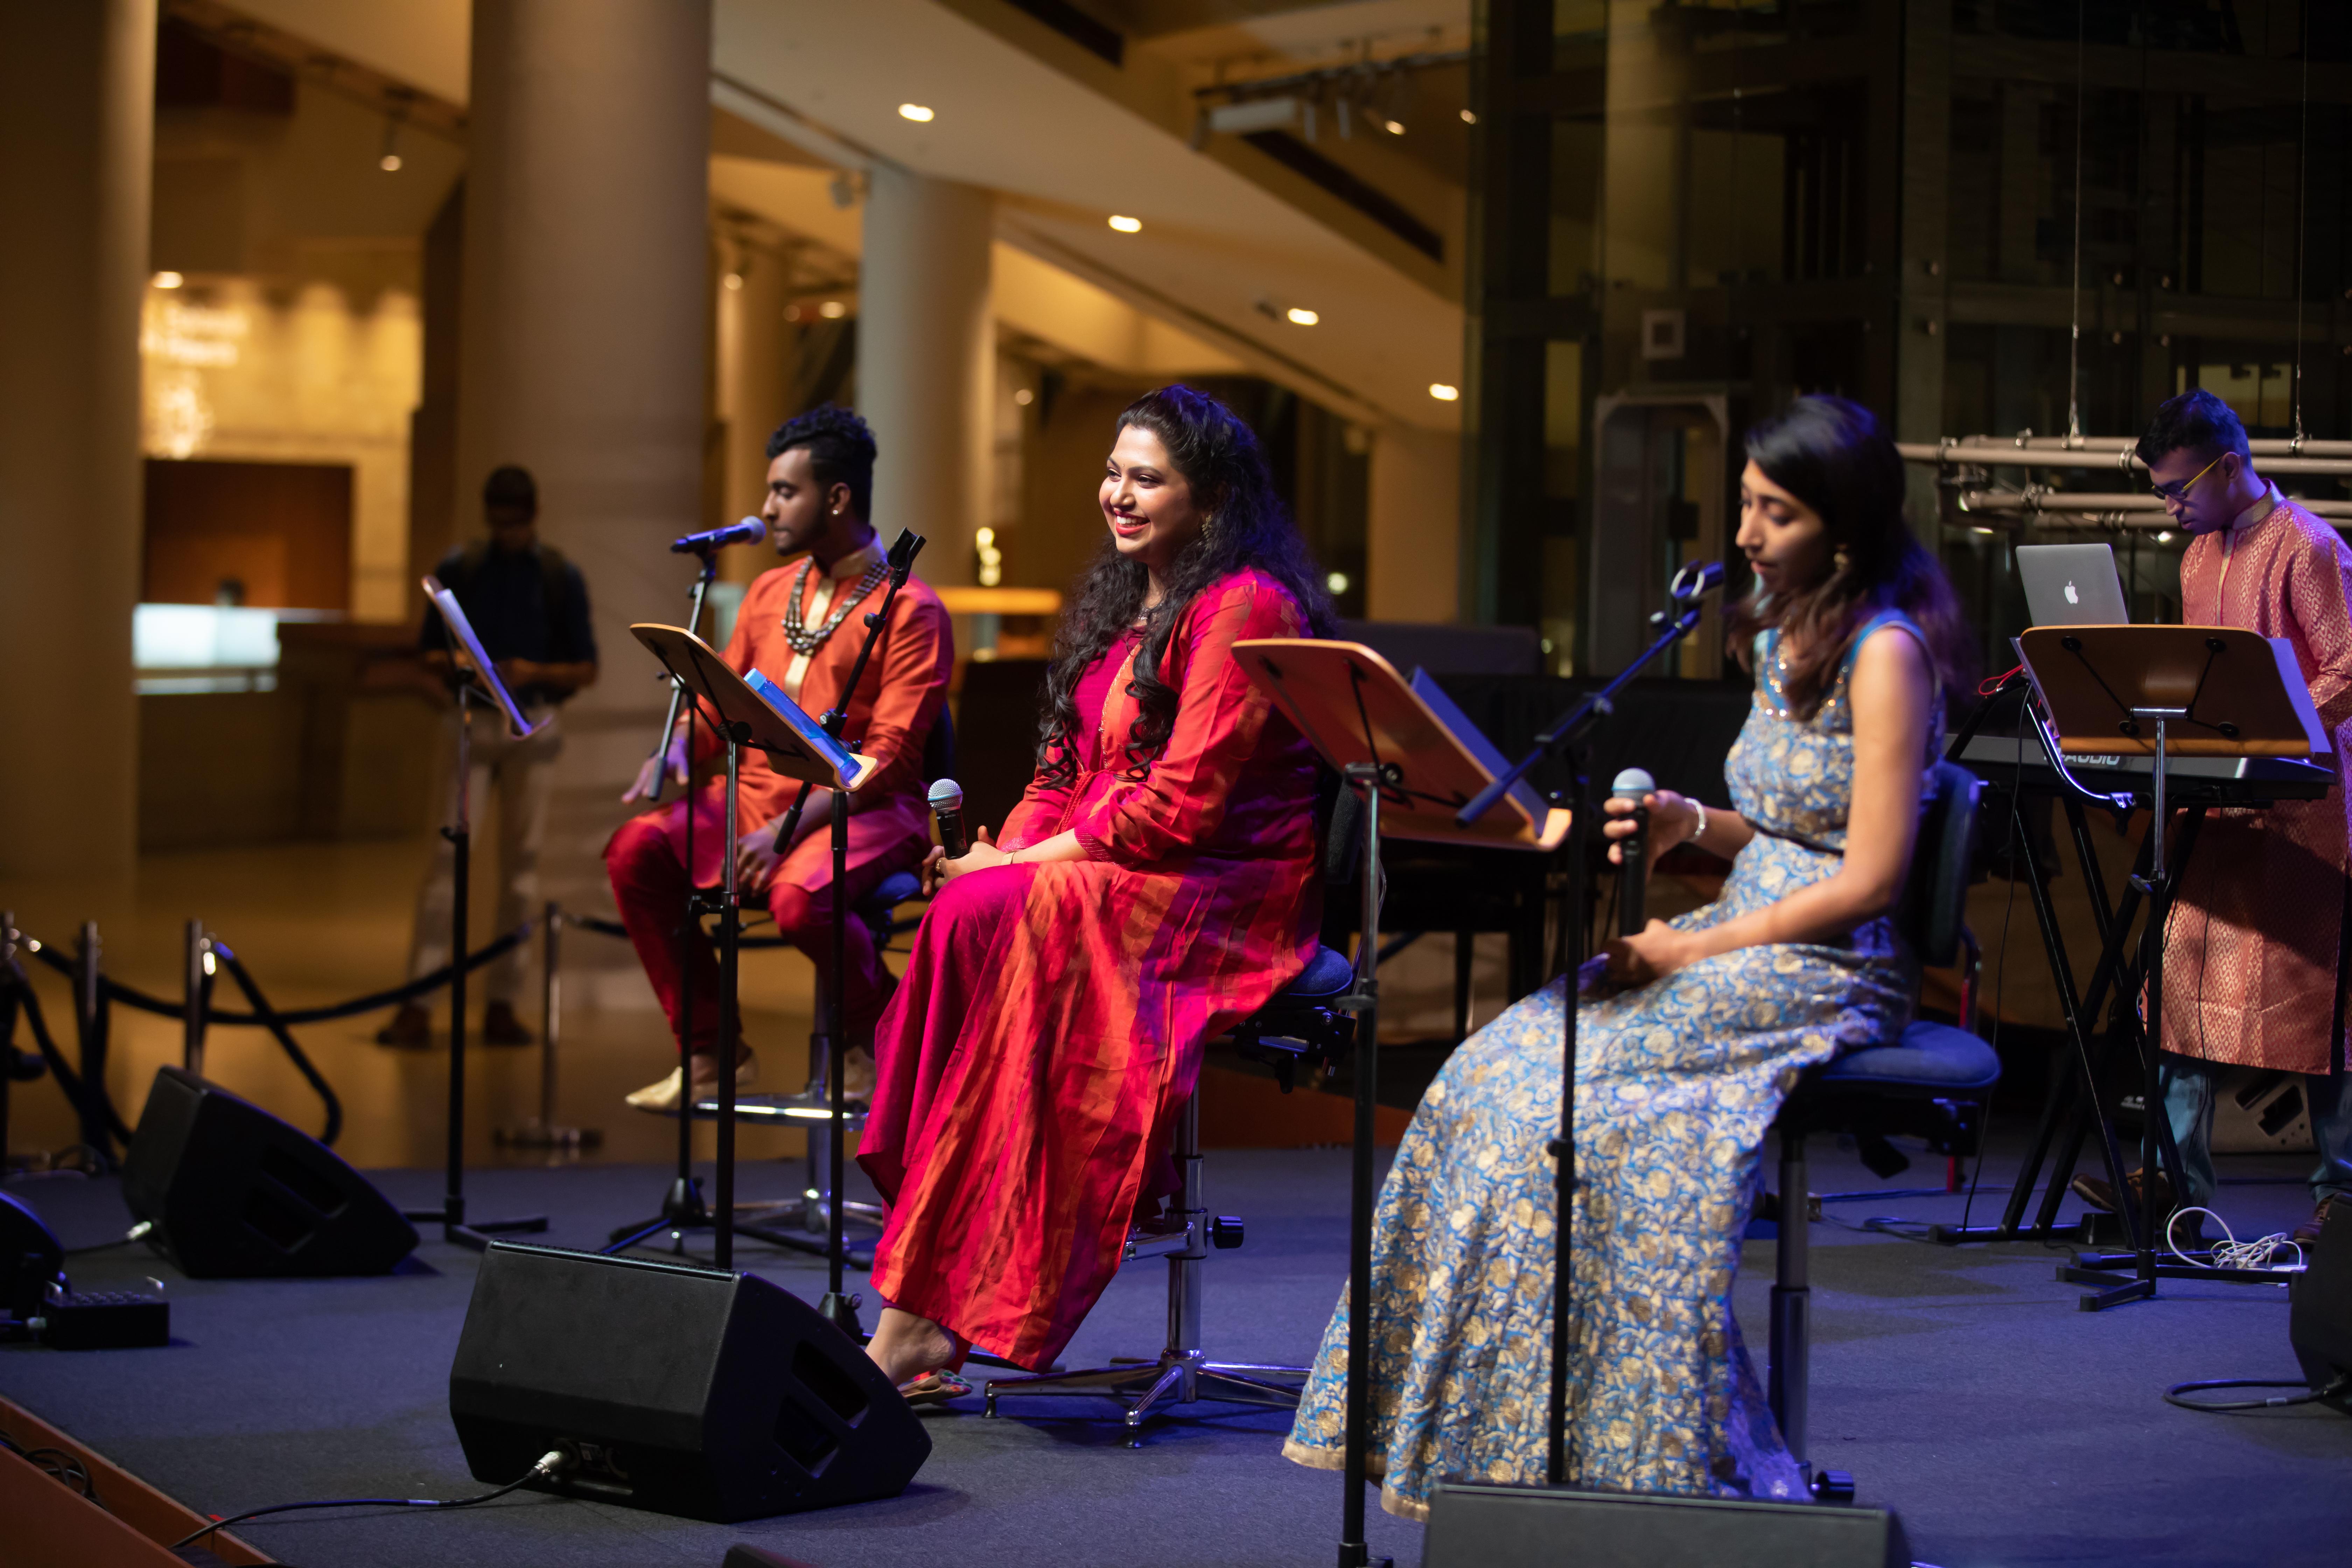 Raaga Rhapsody presented amazing raga-based fusions and medleys at the Esplanade concourse. Photo courtesy: Esplanade